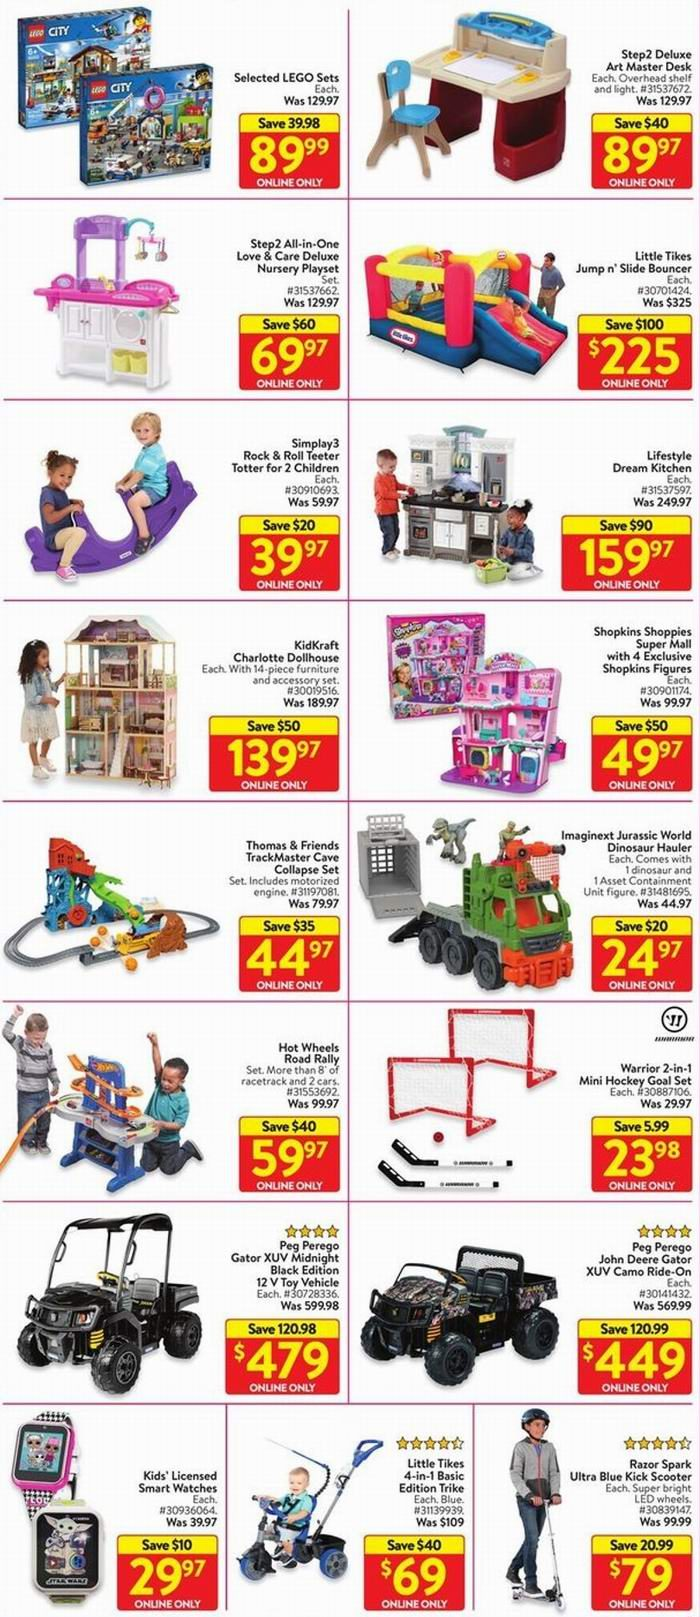 Walmart网络星期一开抢!平板、50吋电视8、游戏本9.98、床架9.97!